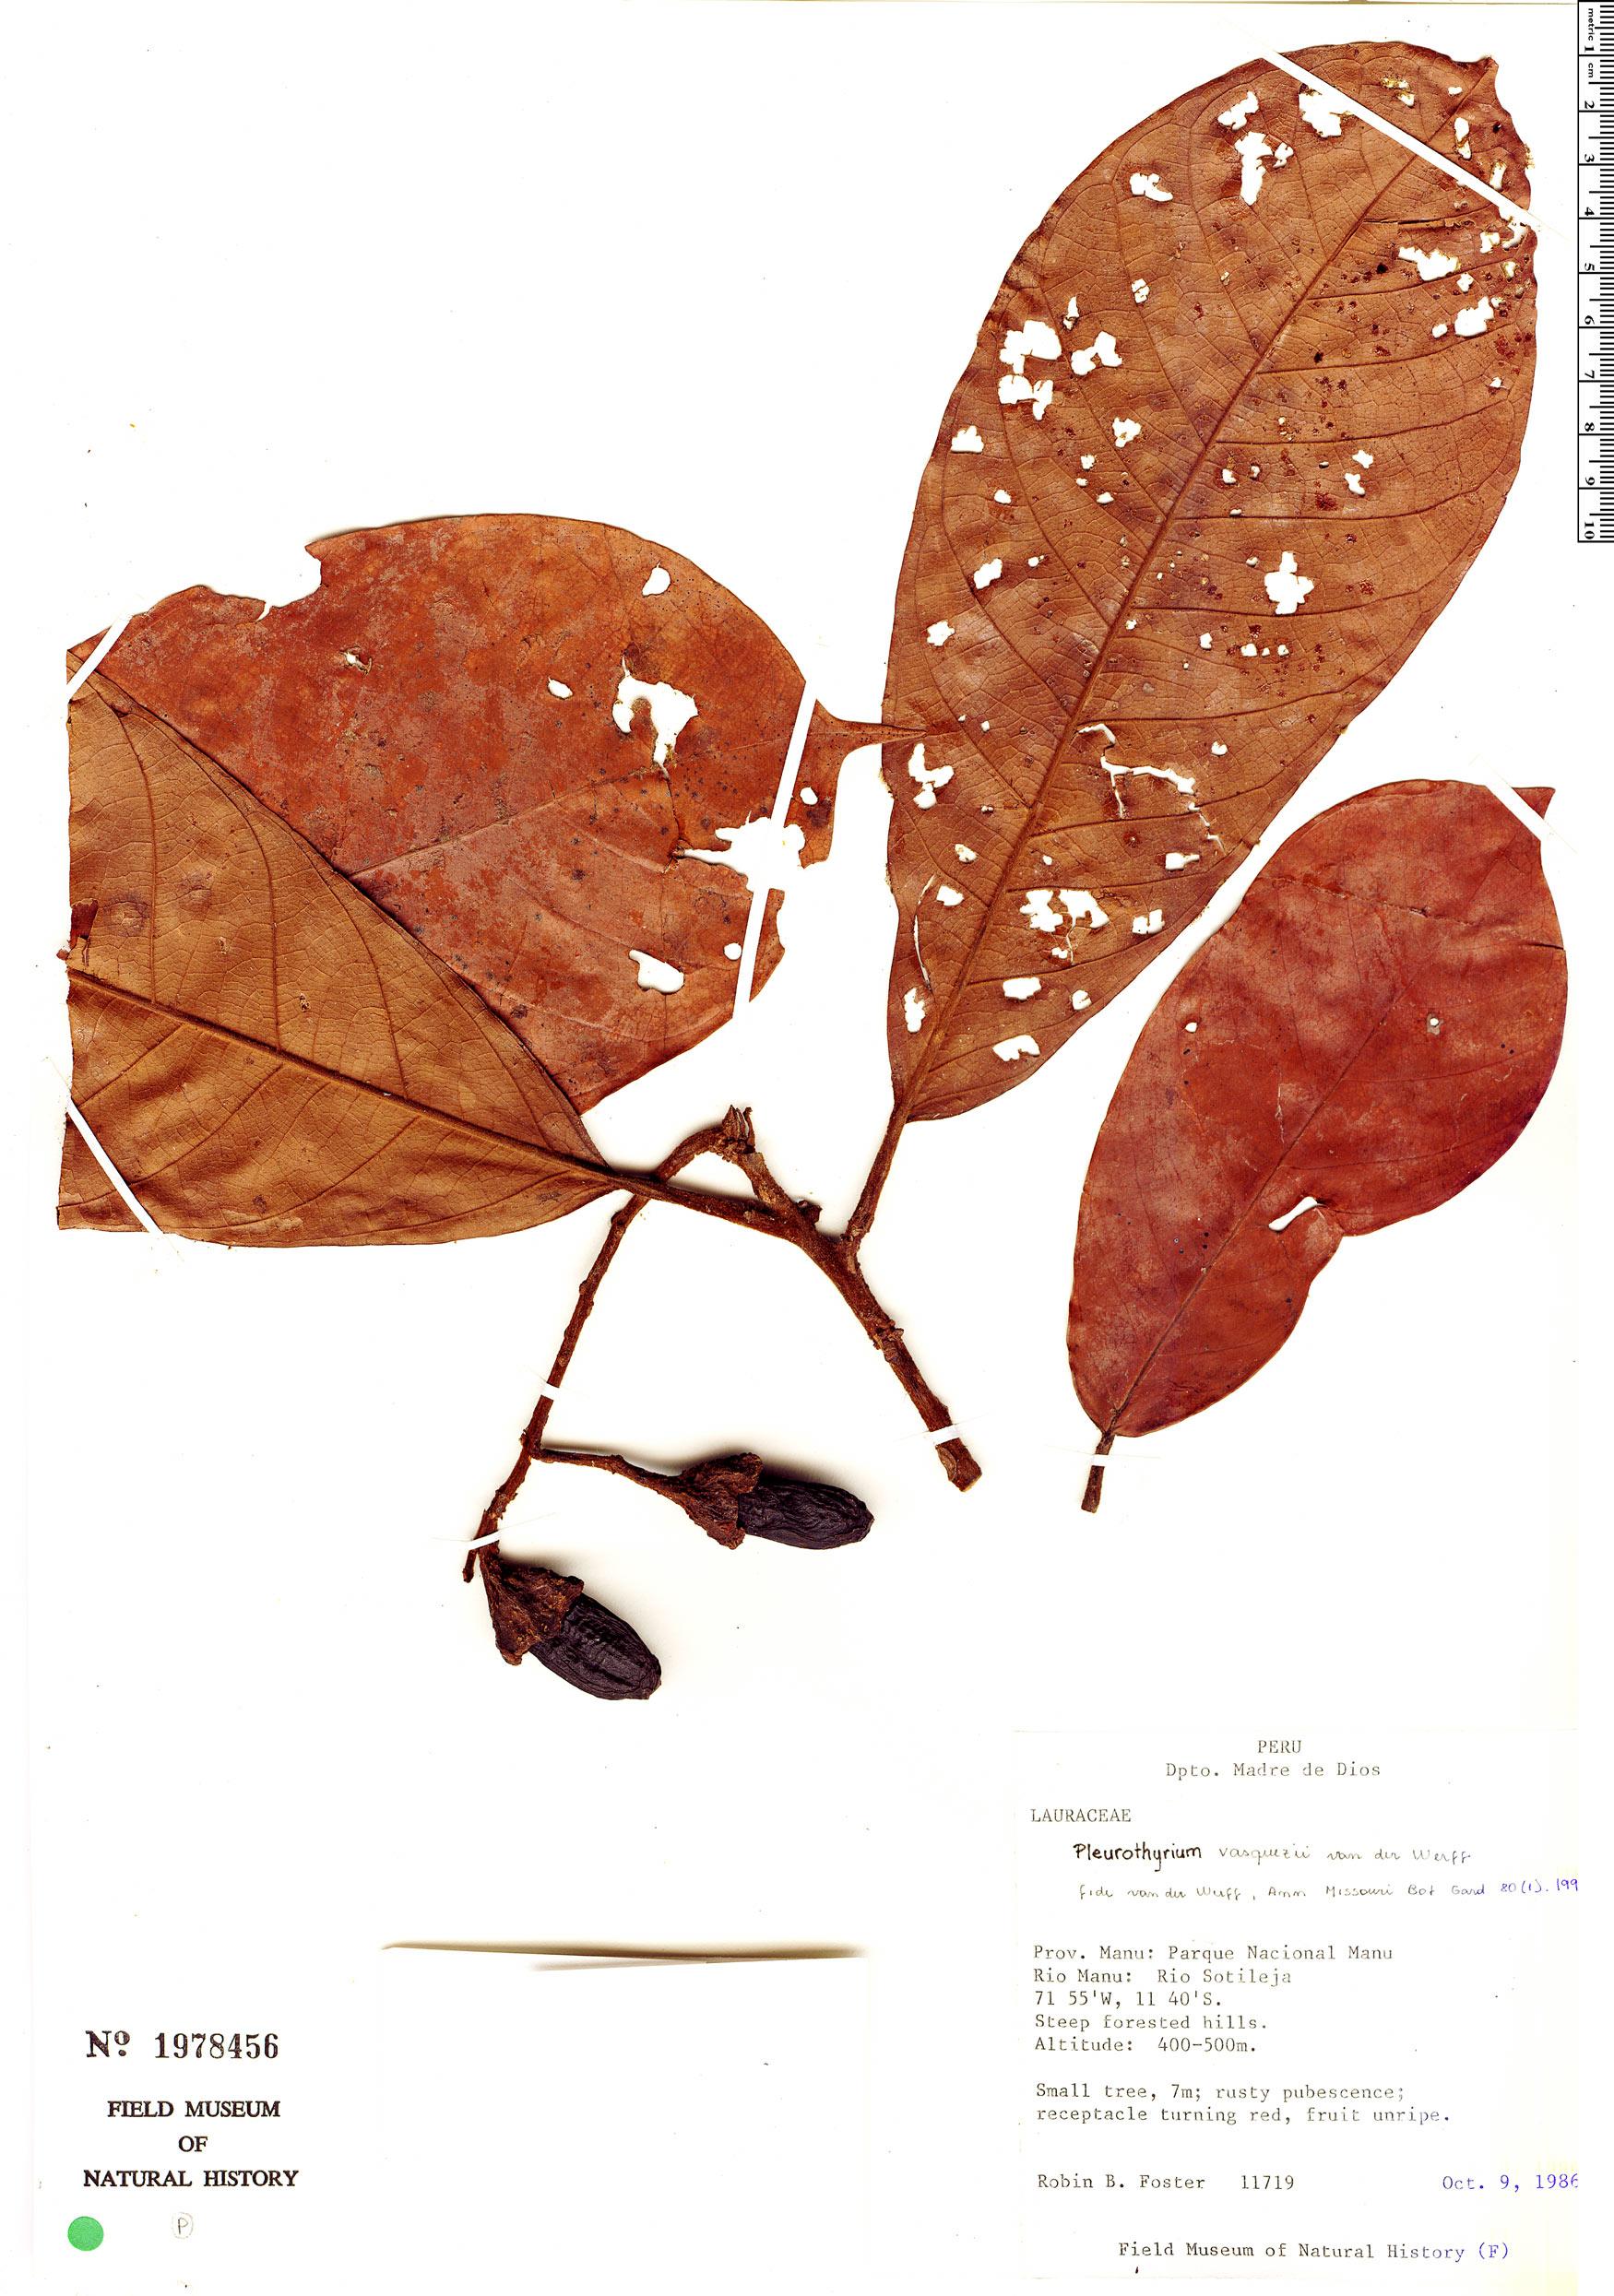 Specimen: Pleurothyrium vasquezii